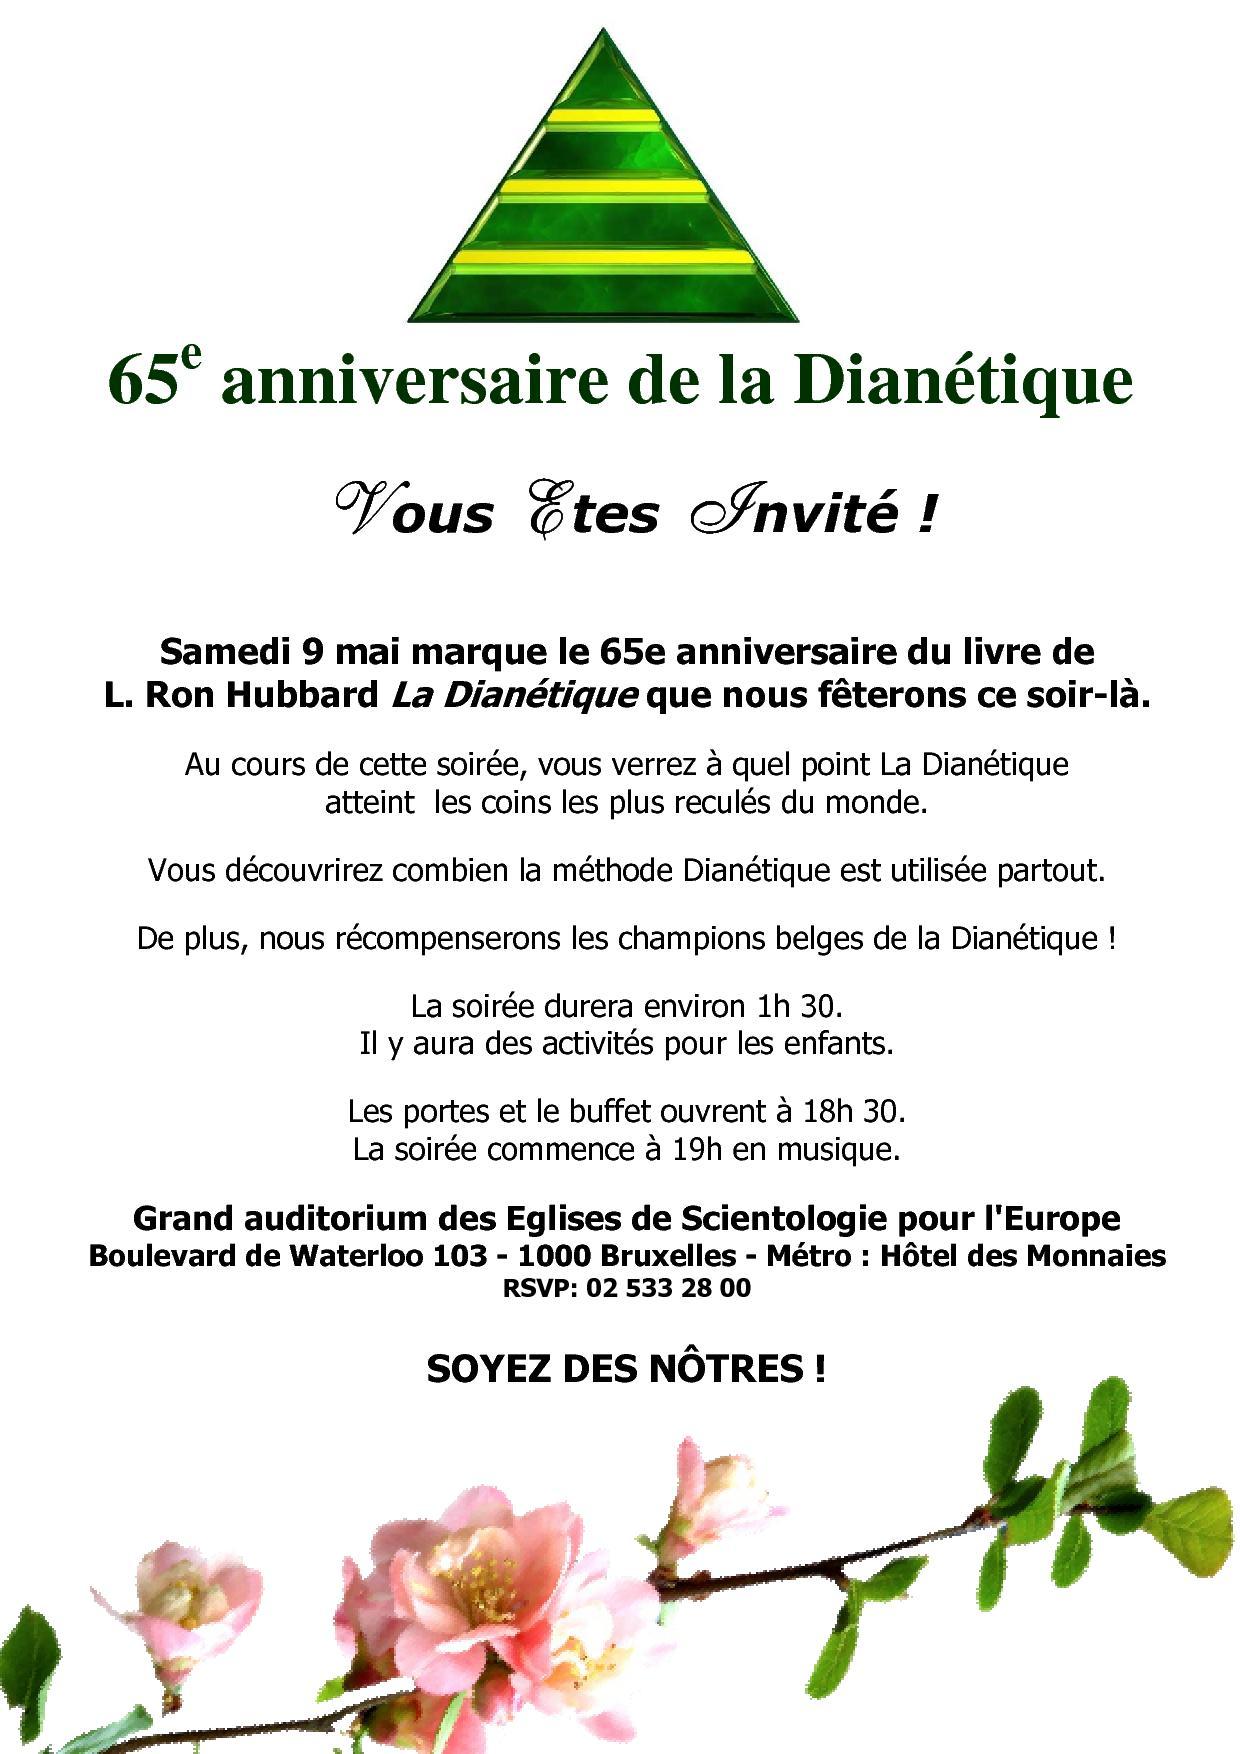 65ème anniversaire de la Dianétique